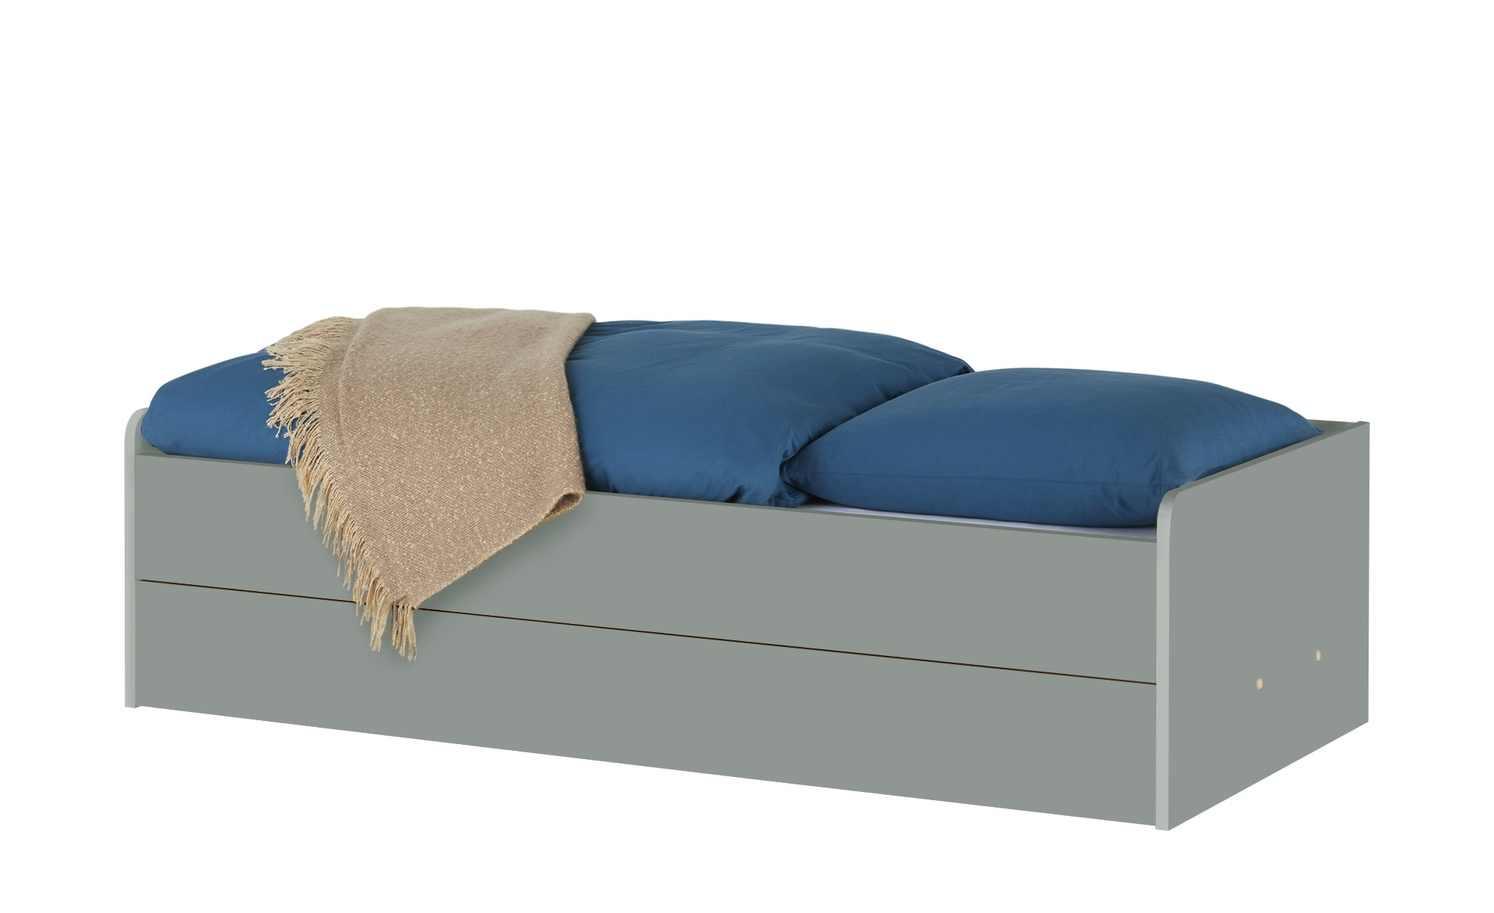 Full Size of Stauraumbett 120x200 Bett Mit Bettkasten Betten Weiß Matratze Und Lattenrost Wohnzimmer Stauraumbett 120x200